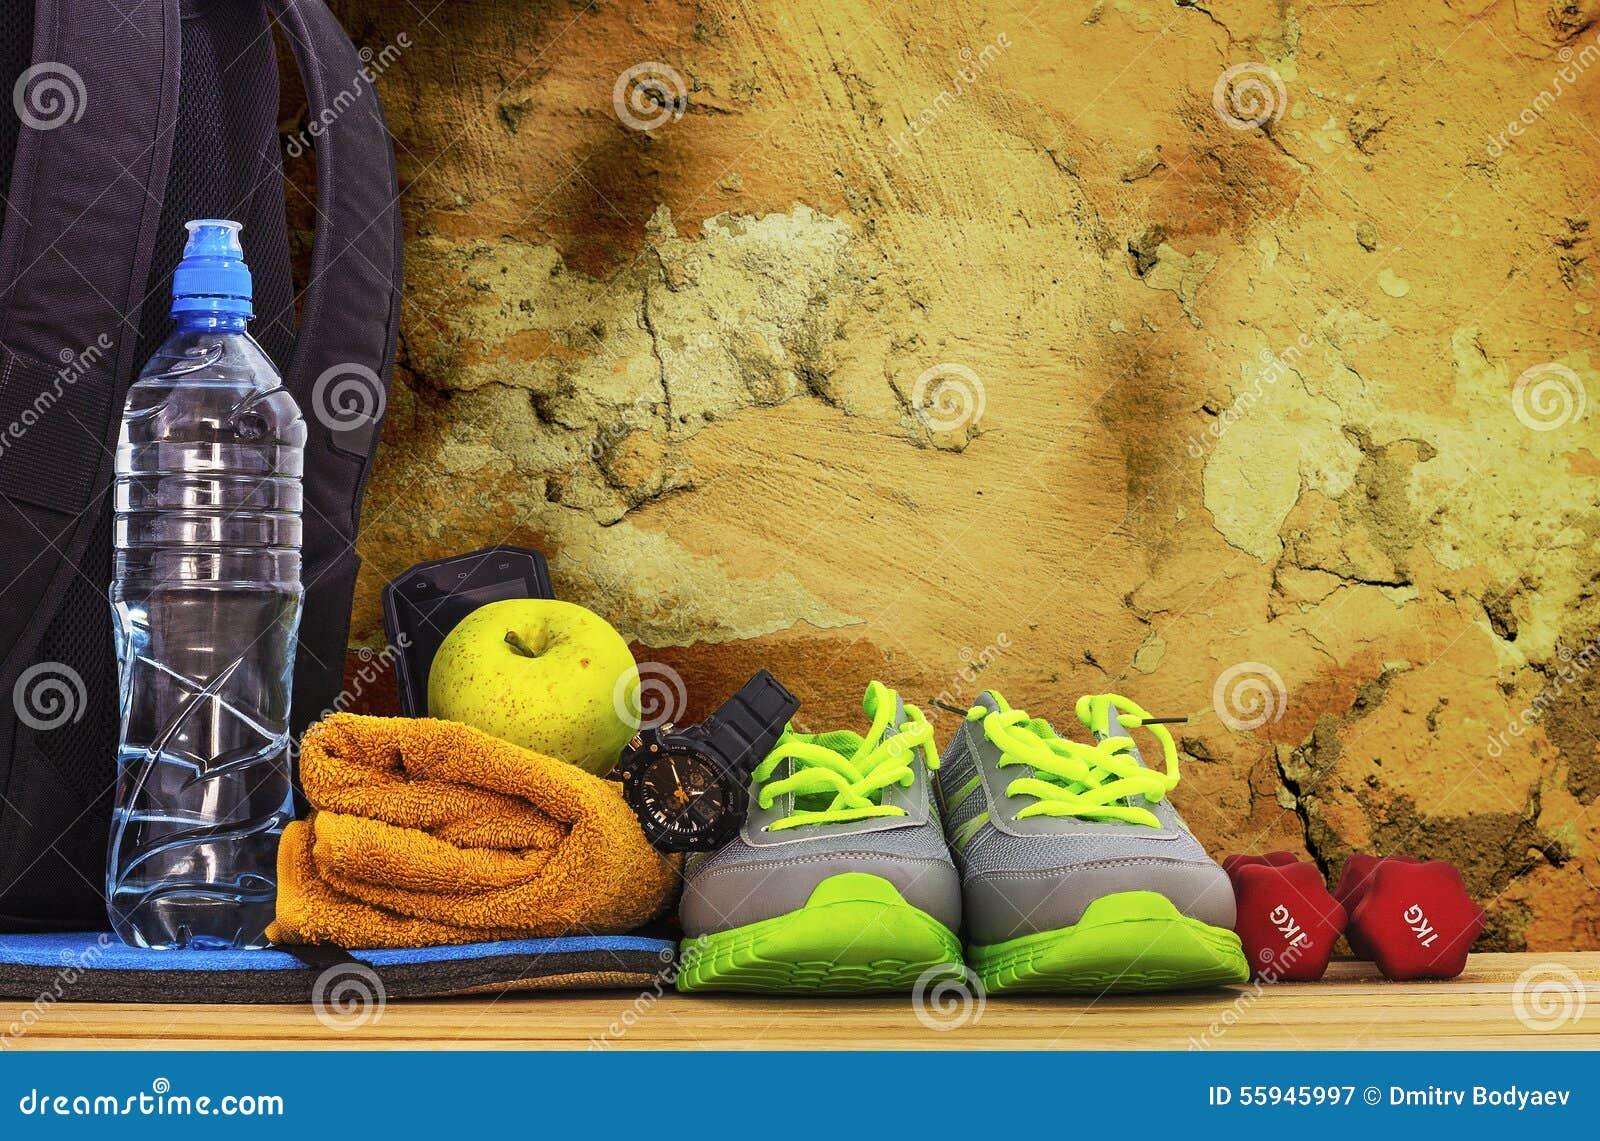 Inventaris voor sporten bij de muur